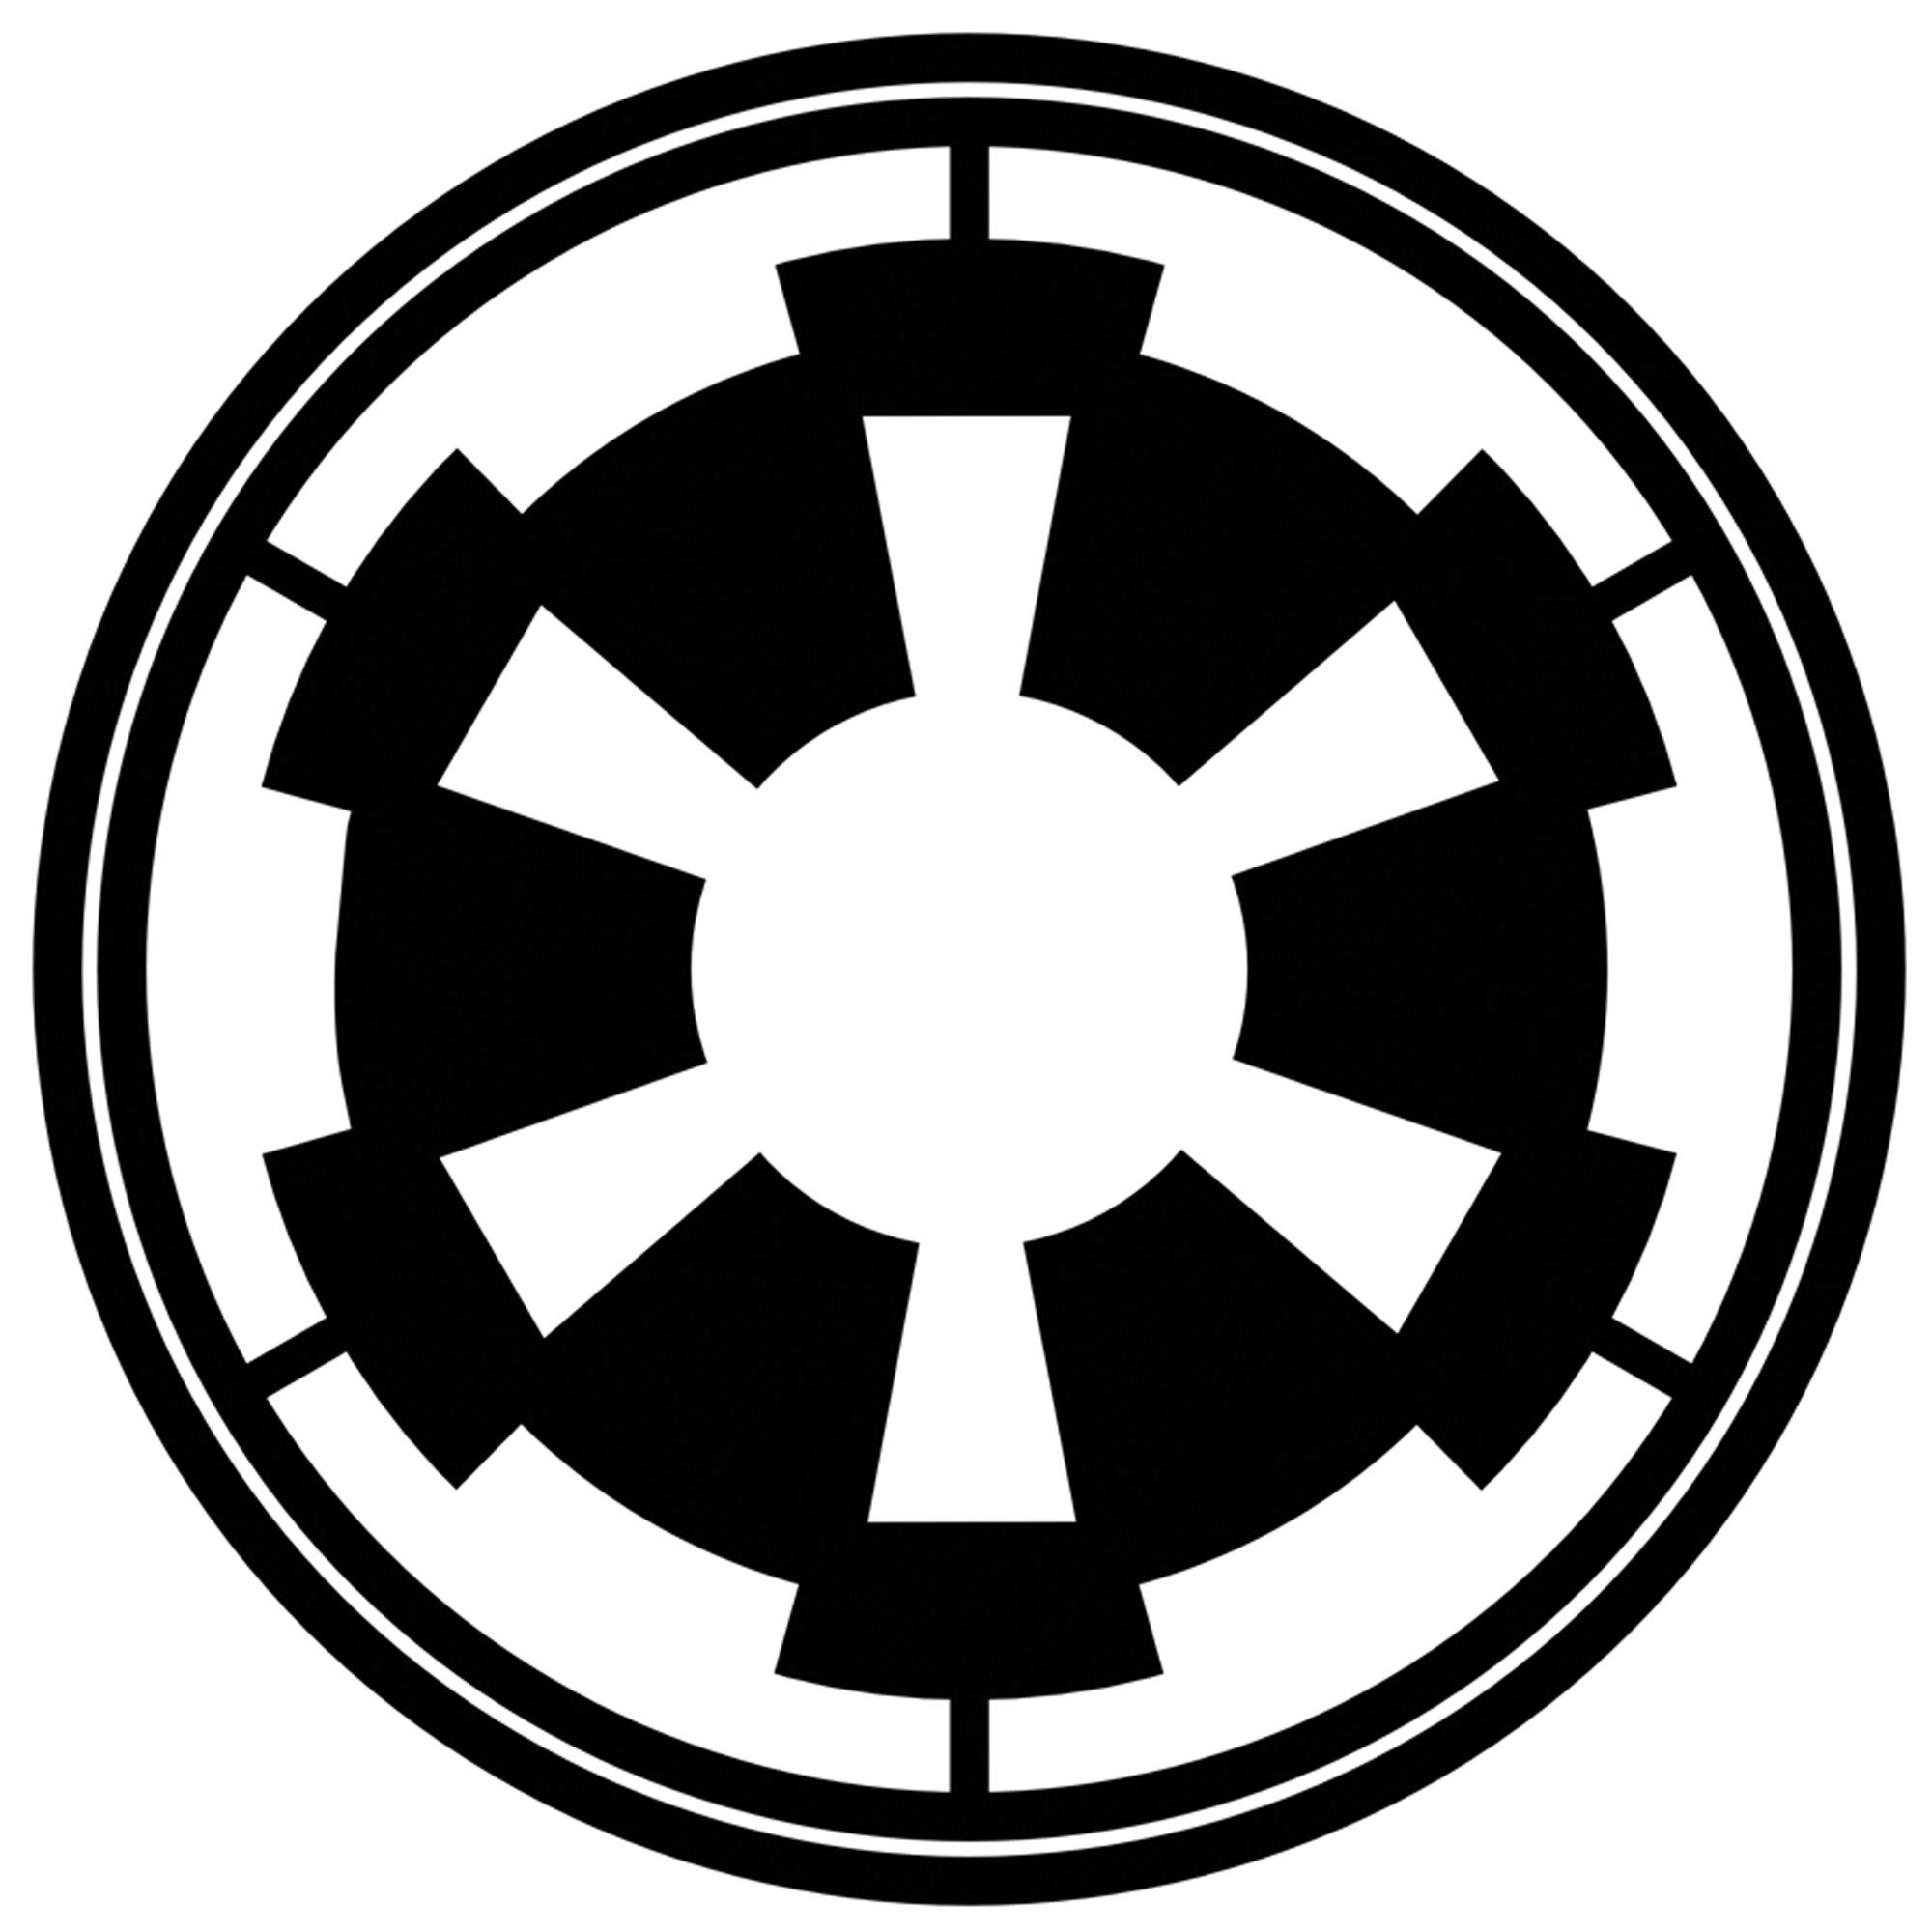 imperial symbol star wars clipart best. Black Bedroom Furniture Sets. Home Design Ideas